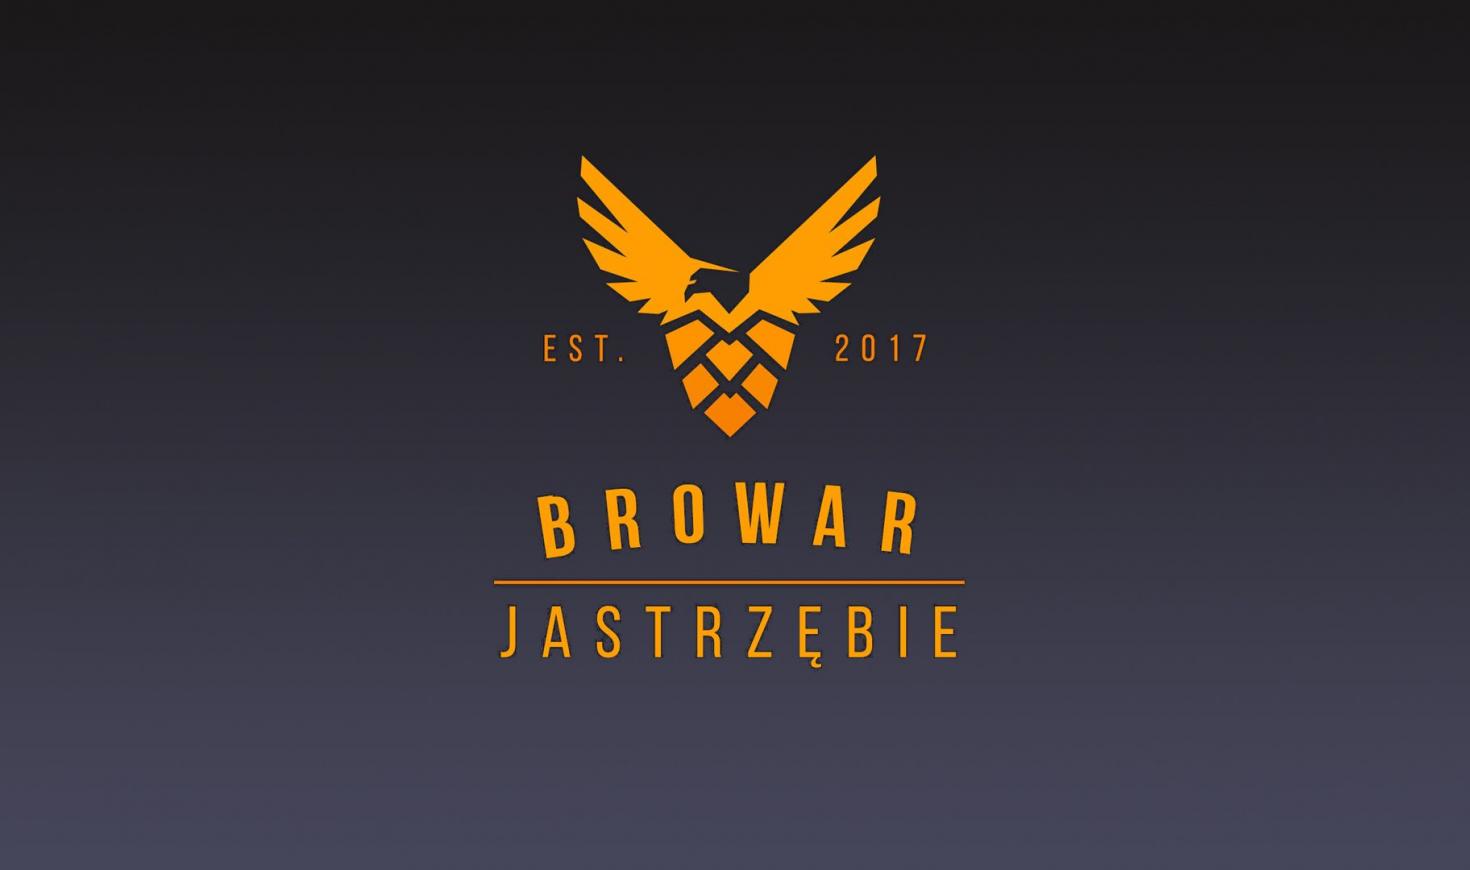 Browar Jastrzębie logo